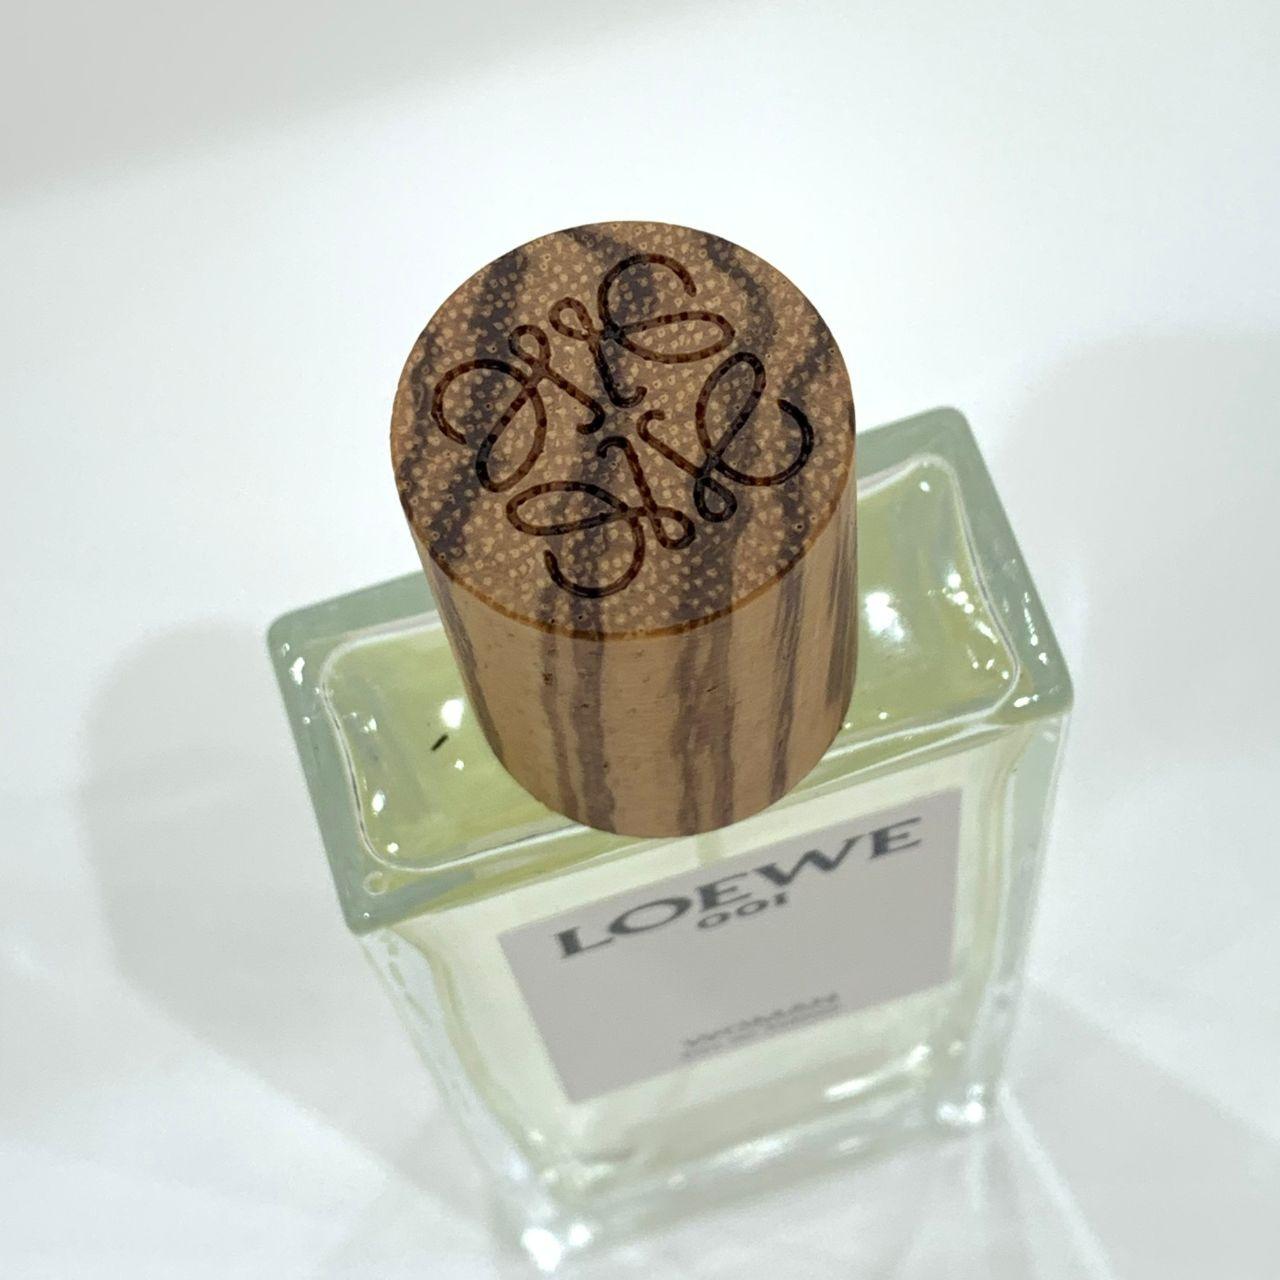 ロエベ 香水